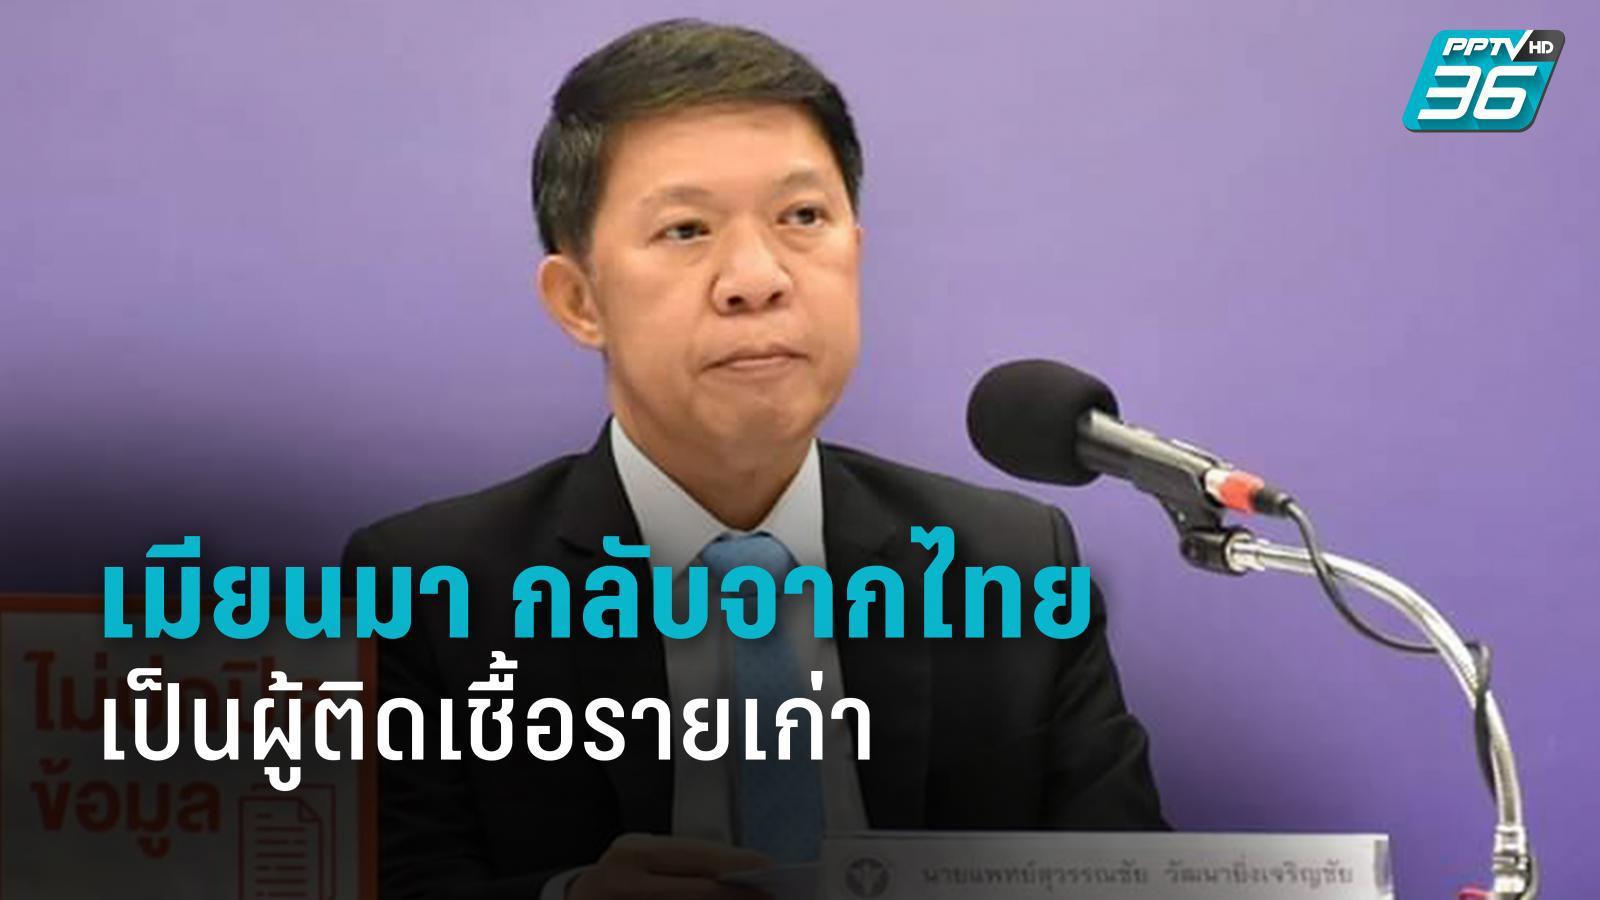 สธ. ยัน แรงงานเมียนมา 23 รายกลับจากไทย เป็นผู้ติดเชื้อ โควิด-19 รายเก่า